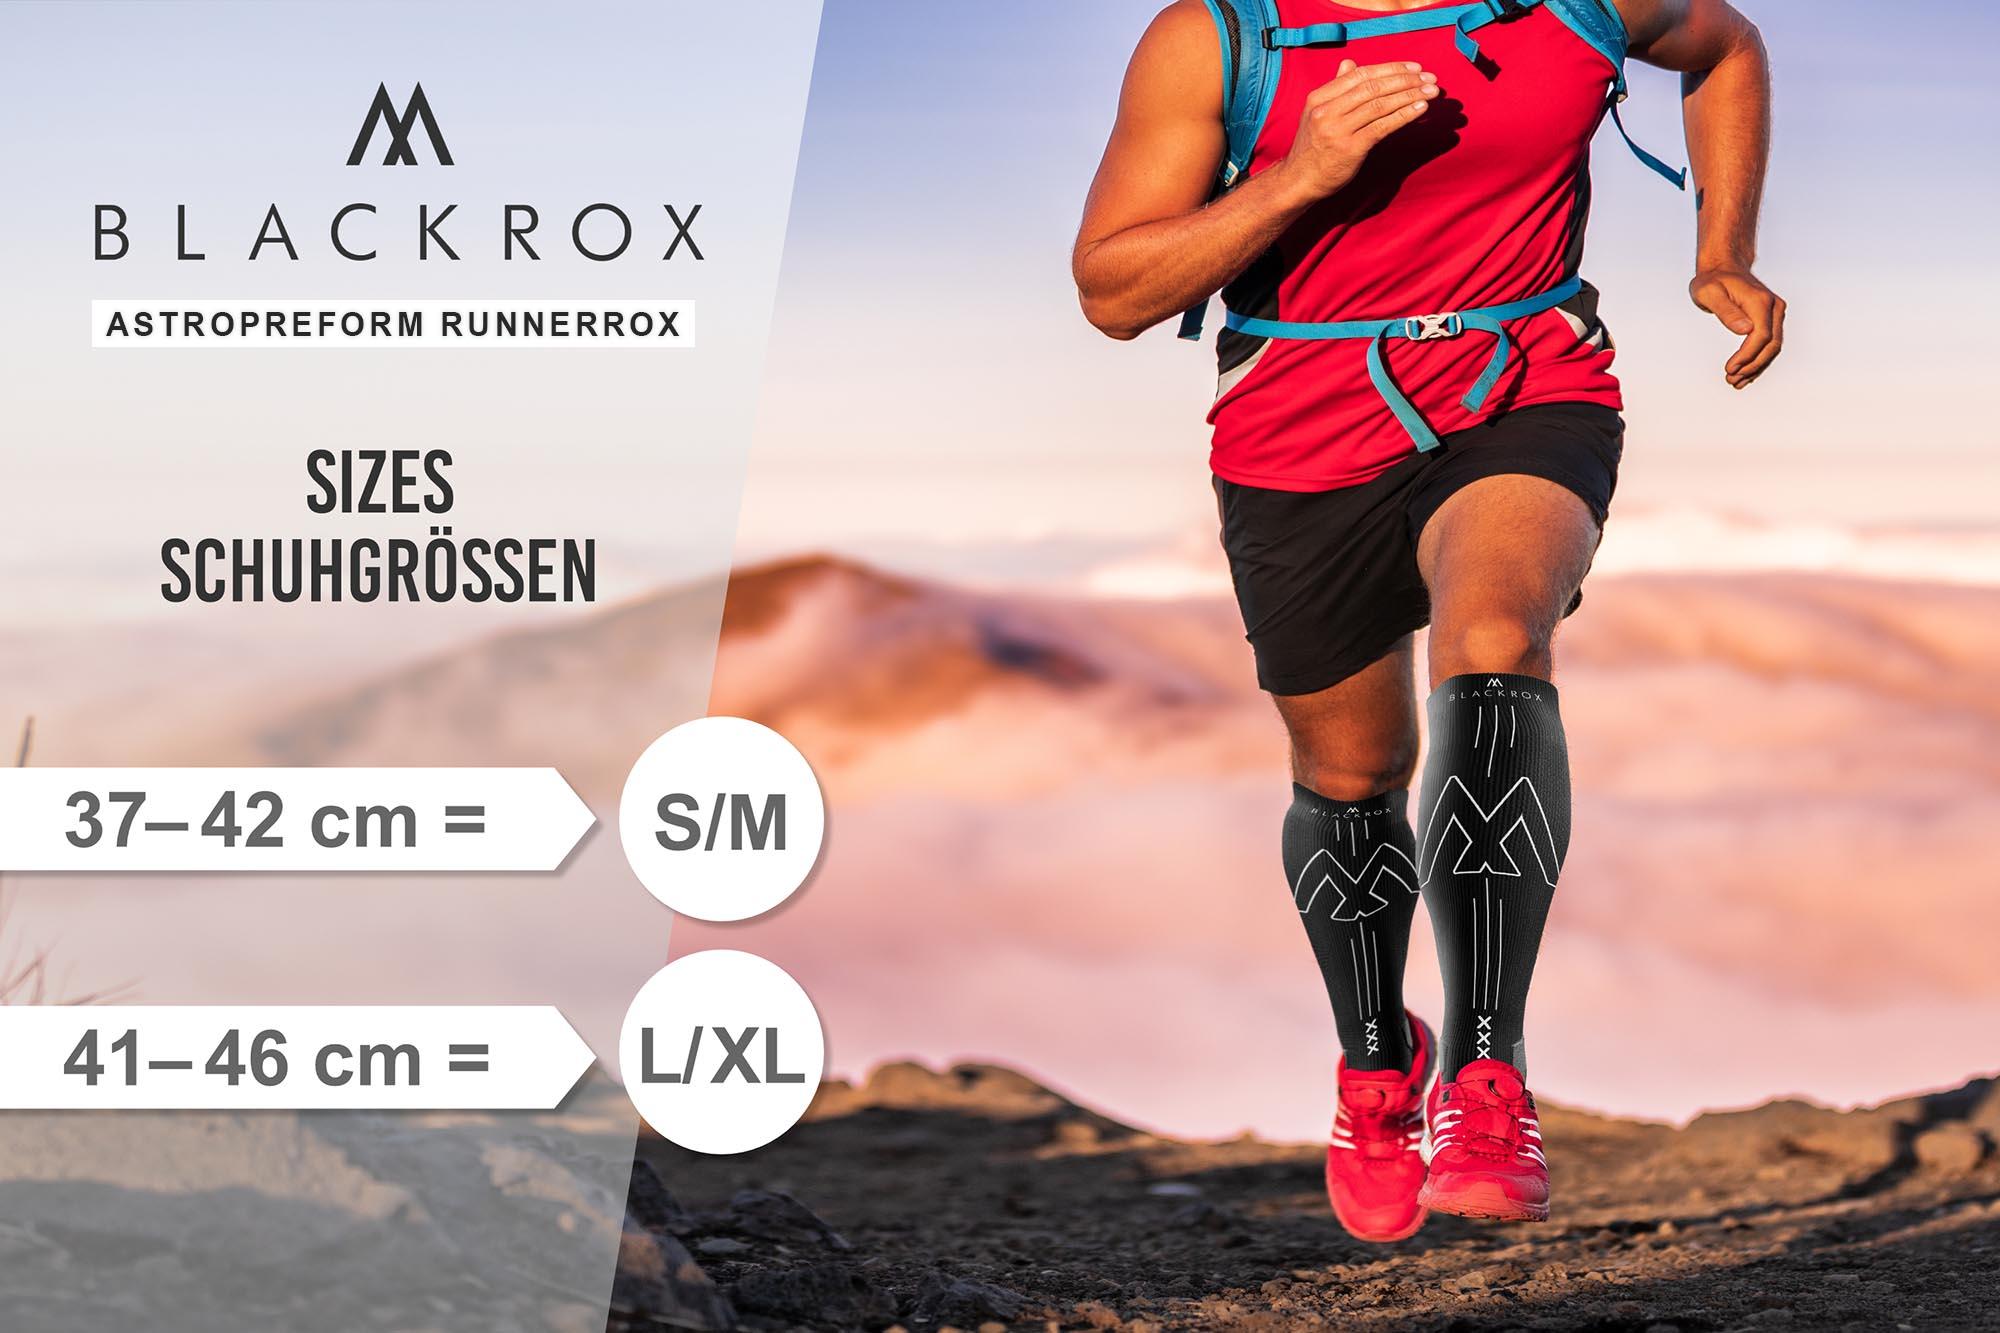 BLACKROX Kompressionsstrümpfe Sport Astropreform Kompressionssocken Vergleichssieger Sportkompressionsstrumpf Laufstrümpfe